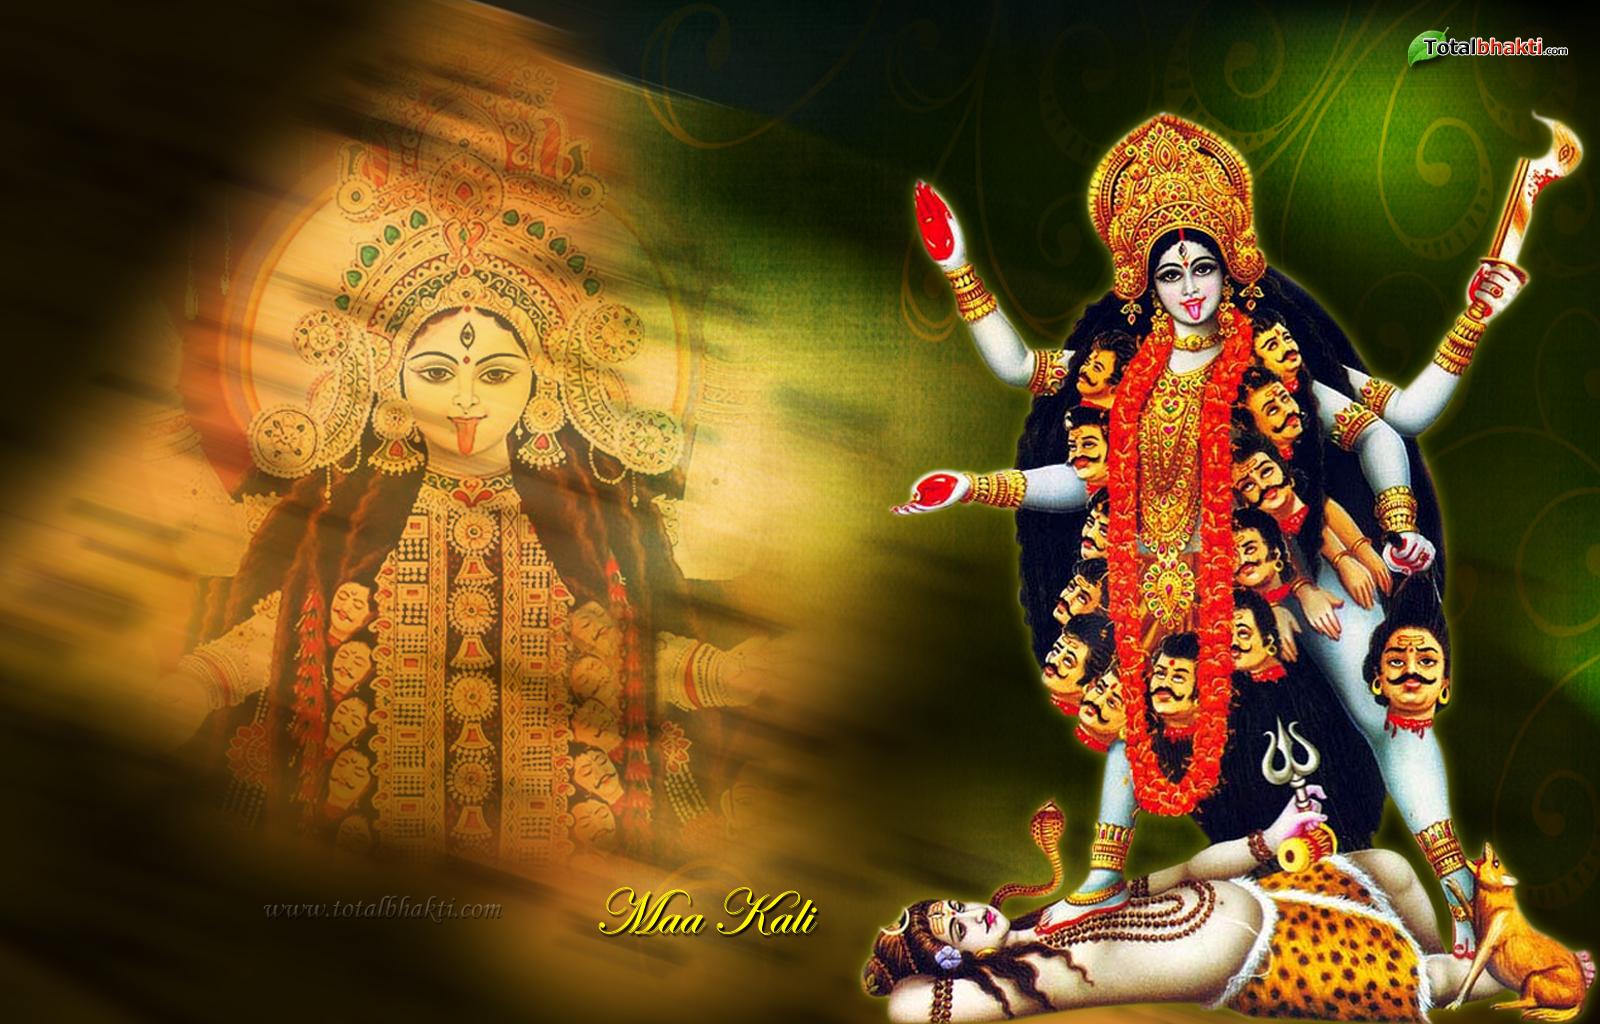 http://2.bp.blogspot.com/-C8NkSXgppG8/T9hns23_X3I/AAAAAAAAAVk/tsvgdLuxUFk/s1600/Lord+Kali+Photo1.jpg